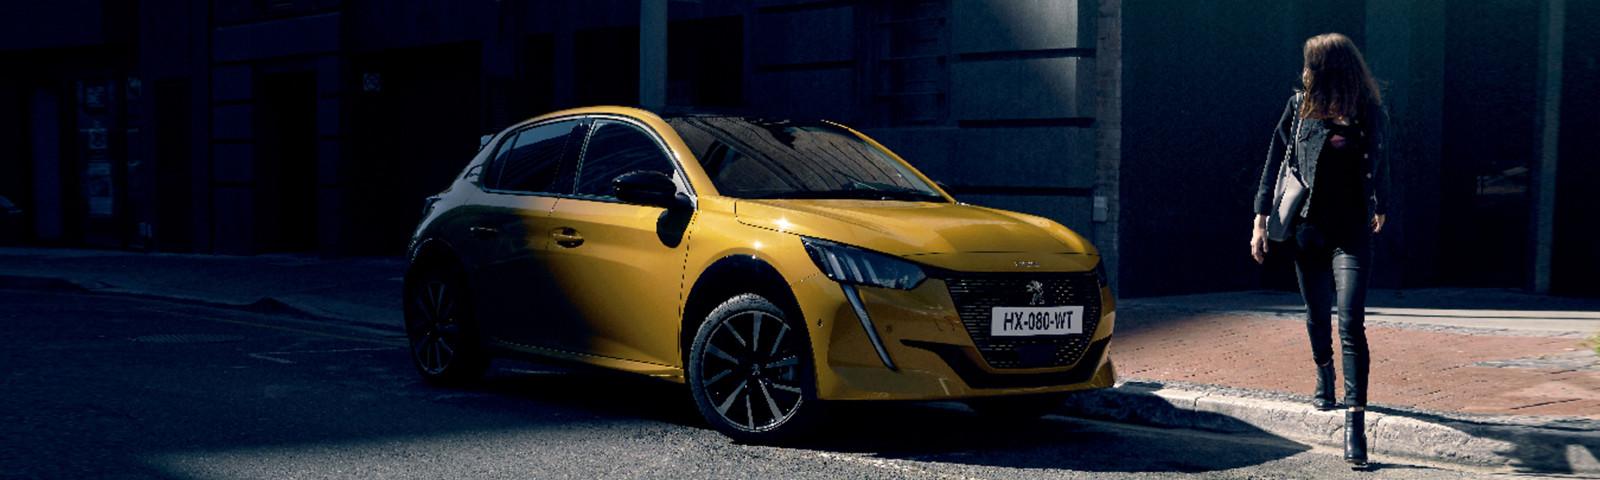 Nuevo Peugeot 208: el futuro de la movilidad llega a la ciudad